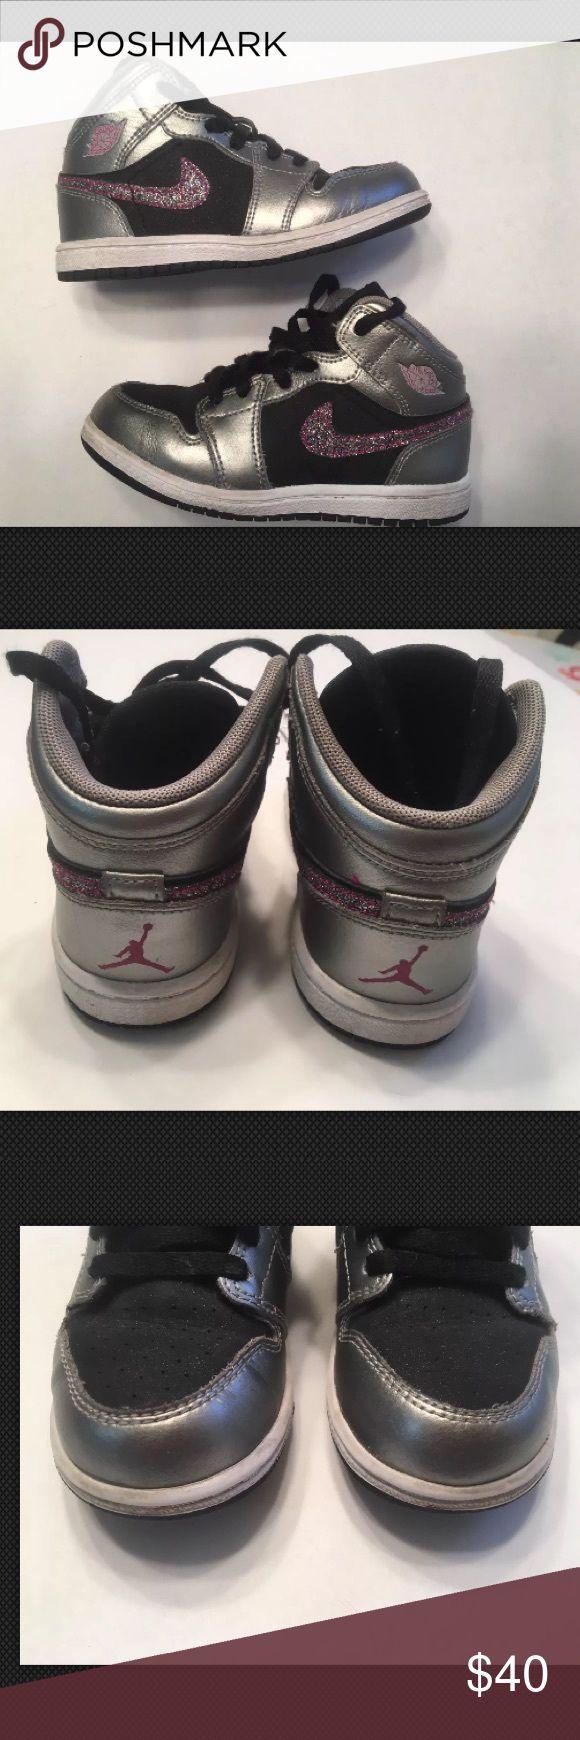 Toddler Nike Air Jordan Retro 1 Basketball Shoes Girls Nike Air Jordan Retro 1 Basketball Shoes 364773-013  Glitter Swoosh Nike Shoes Sneakers